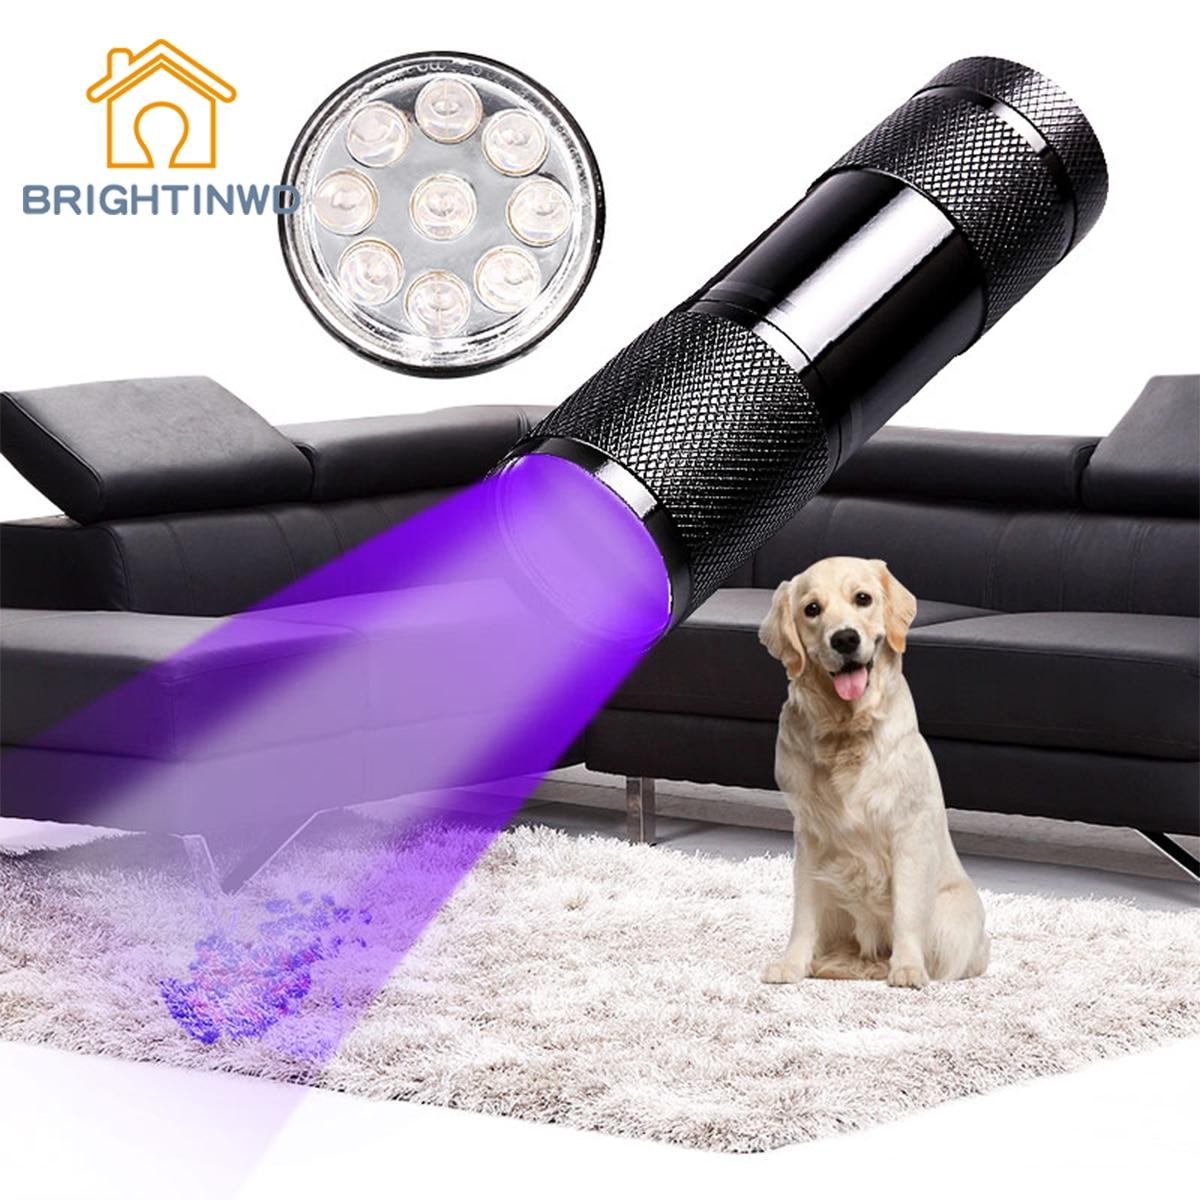 BRIGHTINWD Flashlight Mini UV LED uf Flashlight Violet Light 9 LED UV Torch Light Lamp for AAA Battery Ultraviolet flashlight